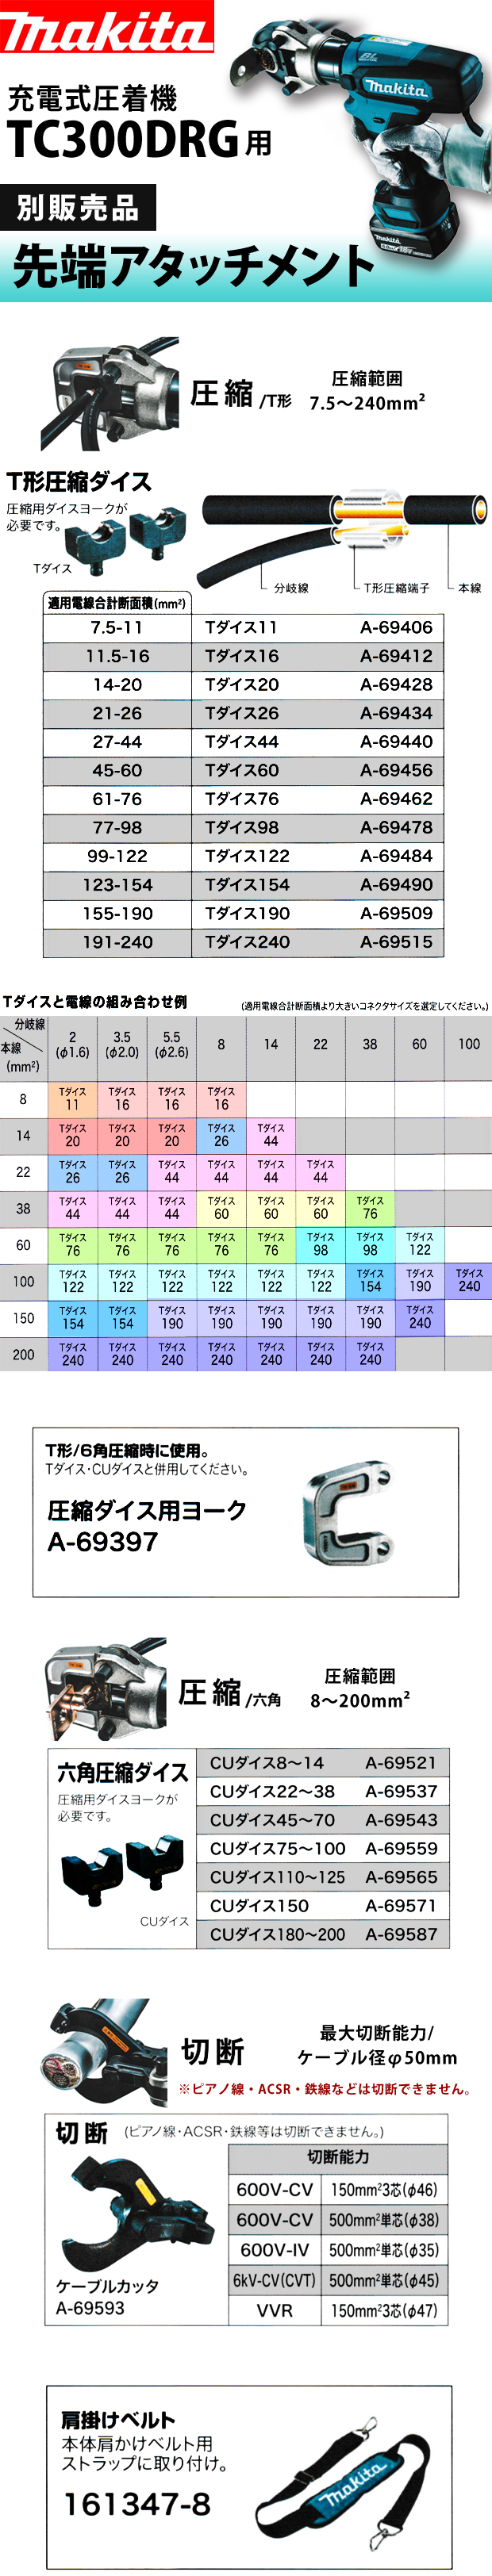 マキタ 充電式圧着 TC300DRG用 別売 先端アタッチメント 各種